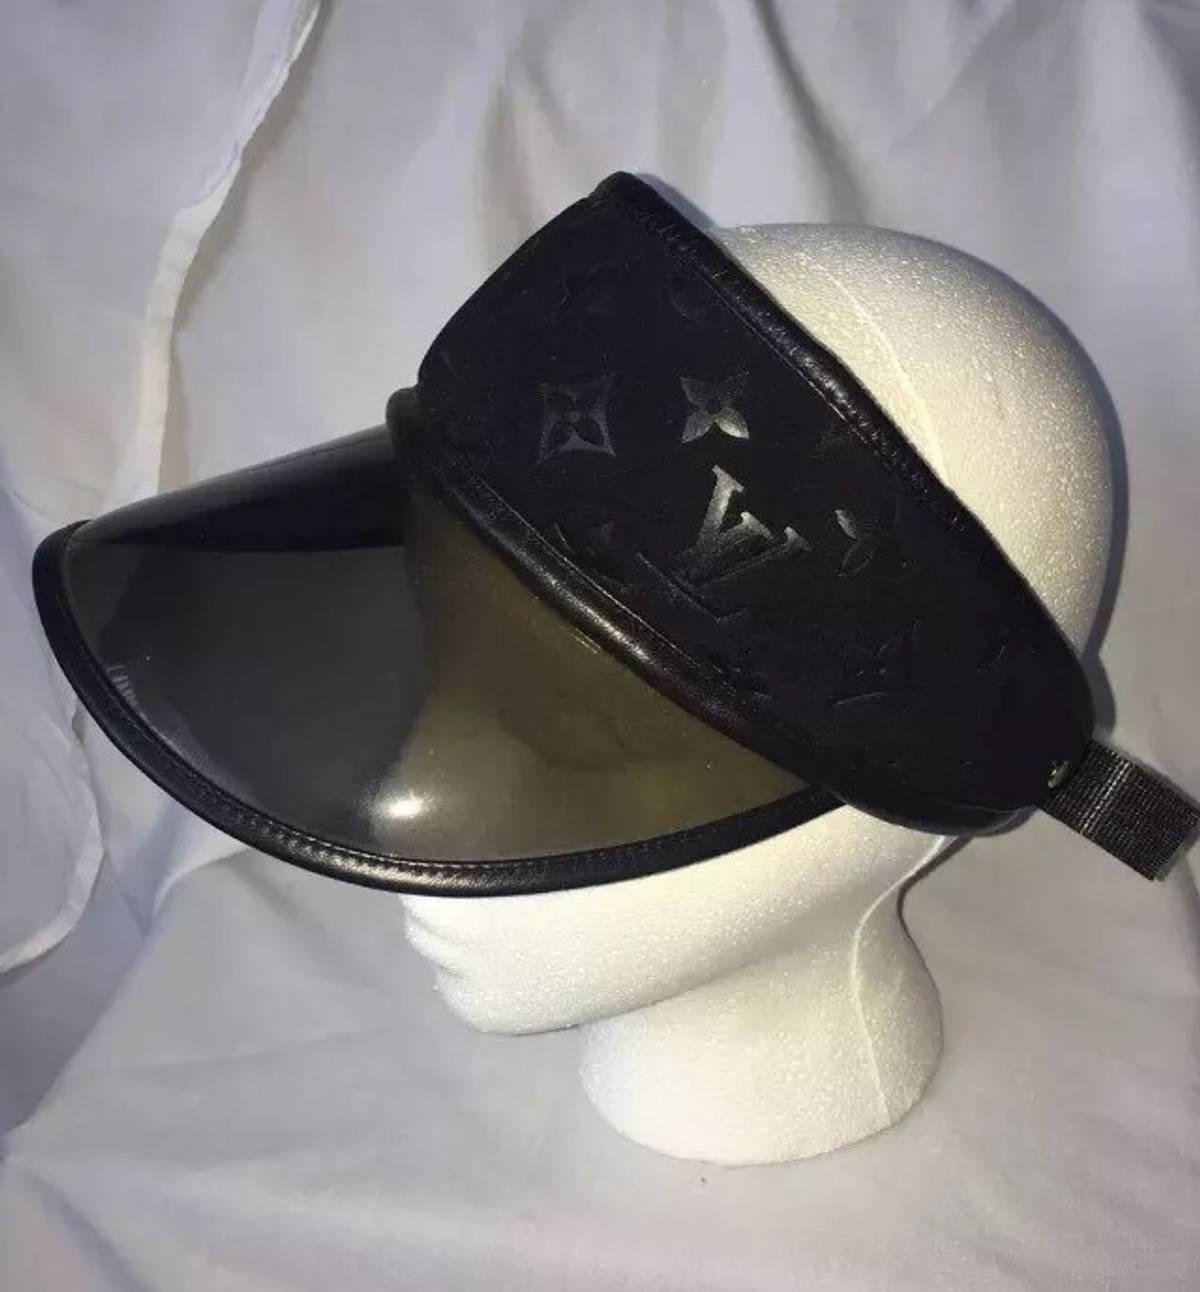 5f948b6e993 Louis Vuitton Authentic Mint Louis Vuitton Paris Monogram Scuba Black Visor  Hat Size one size - Hats for Sale - Grailed